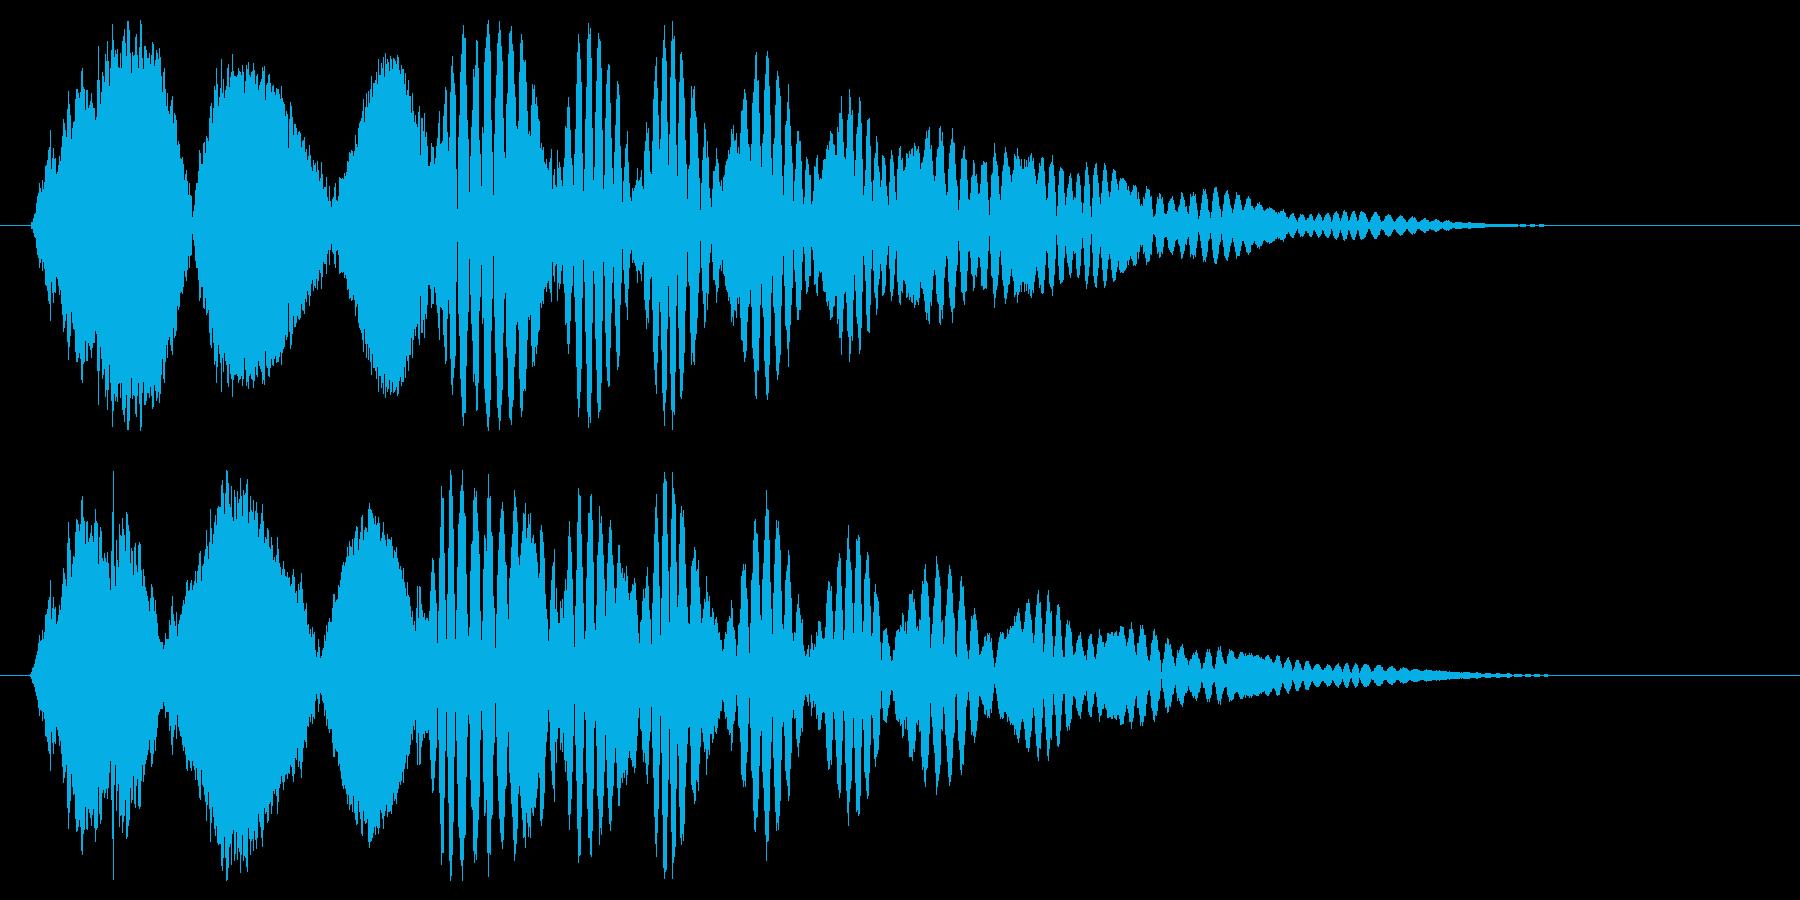 小鳥が元気にさえずる効果音の再生済みの波形